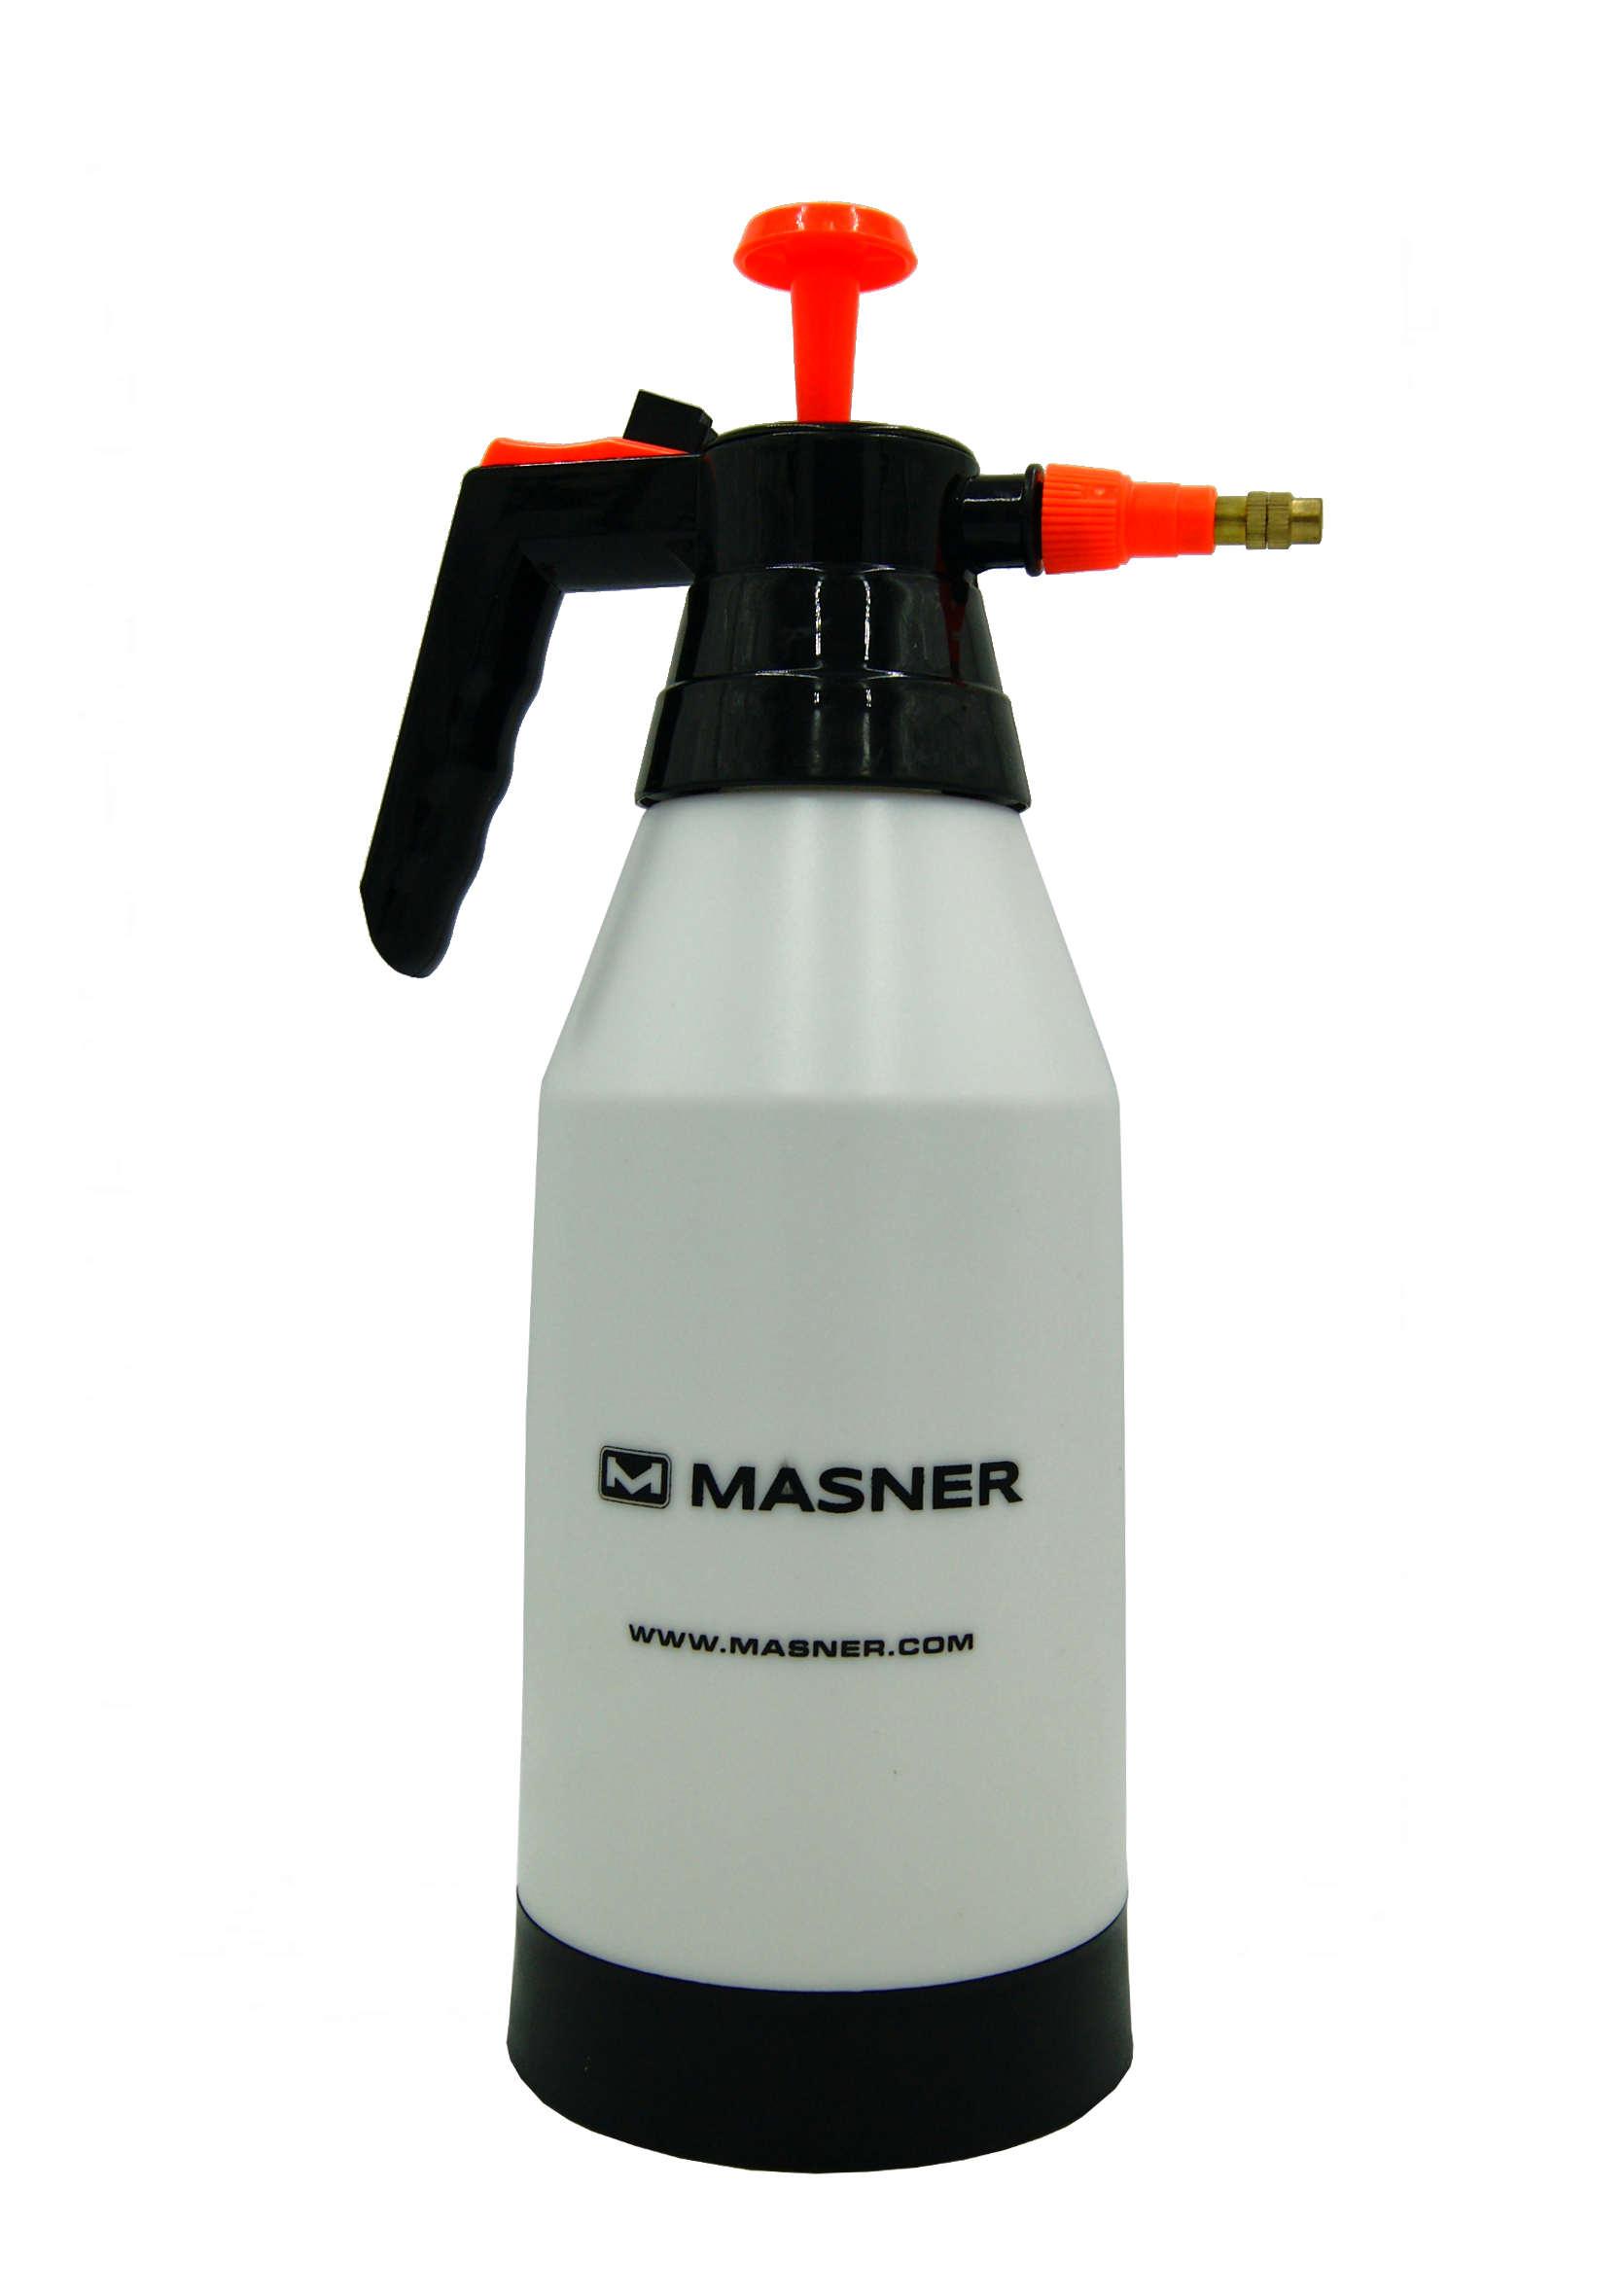 K2 Masner Opryskiwacz Ciśnieniowy Ręczny 2L do Aplikacji Lekkiej Chemii